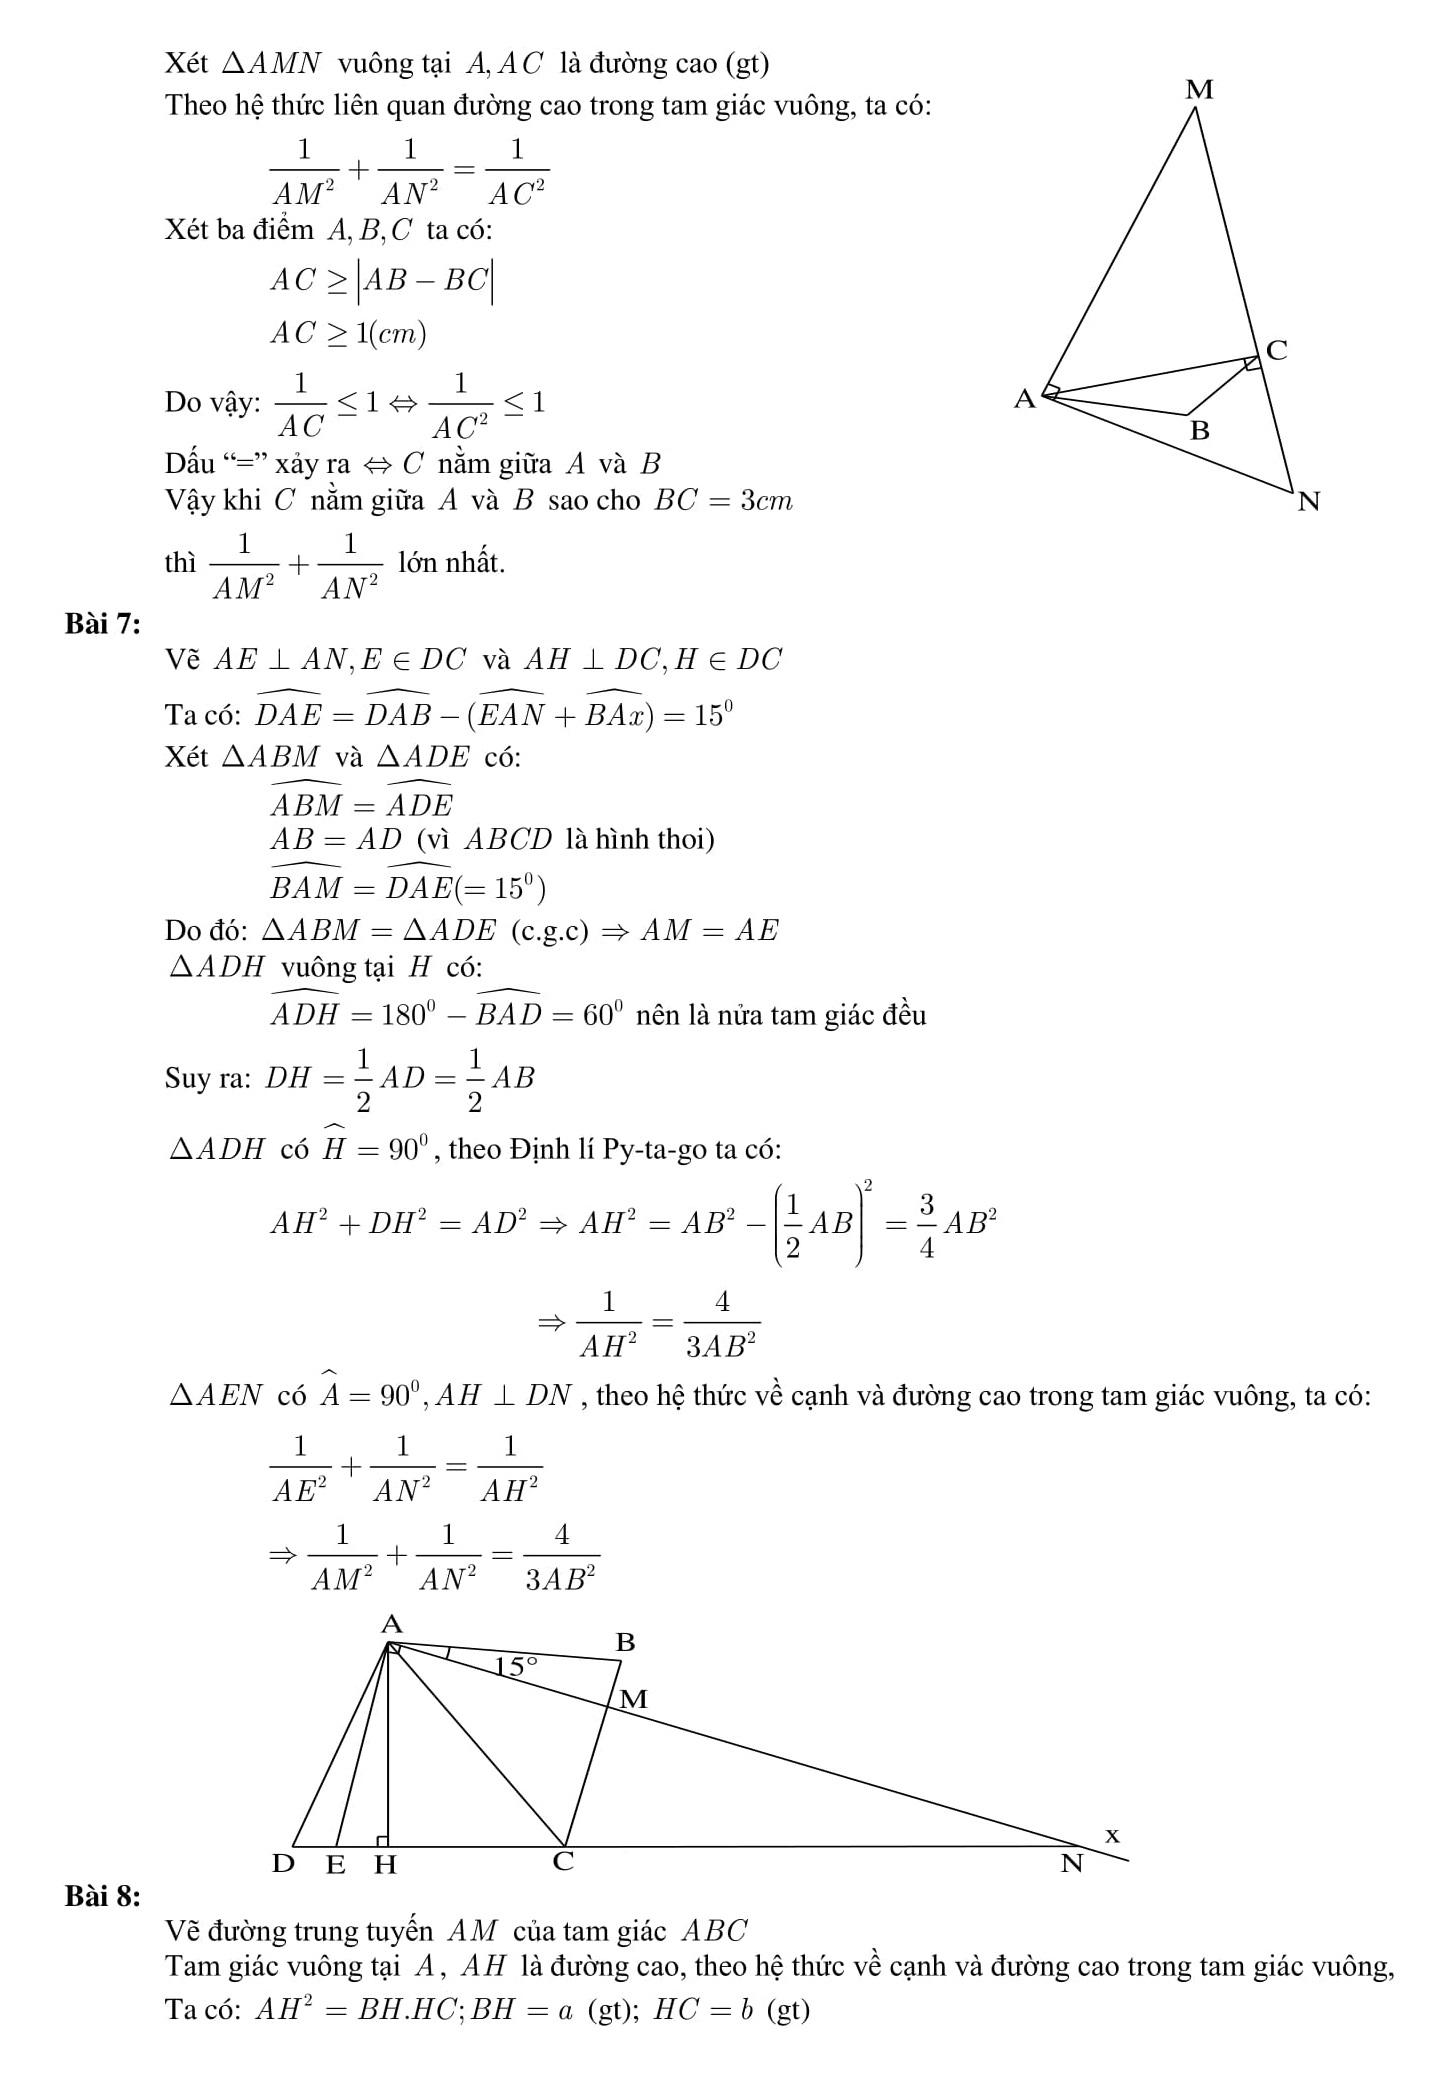 Tổng hợp các dạng bài tập Toán 9 có trong đề thi